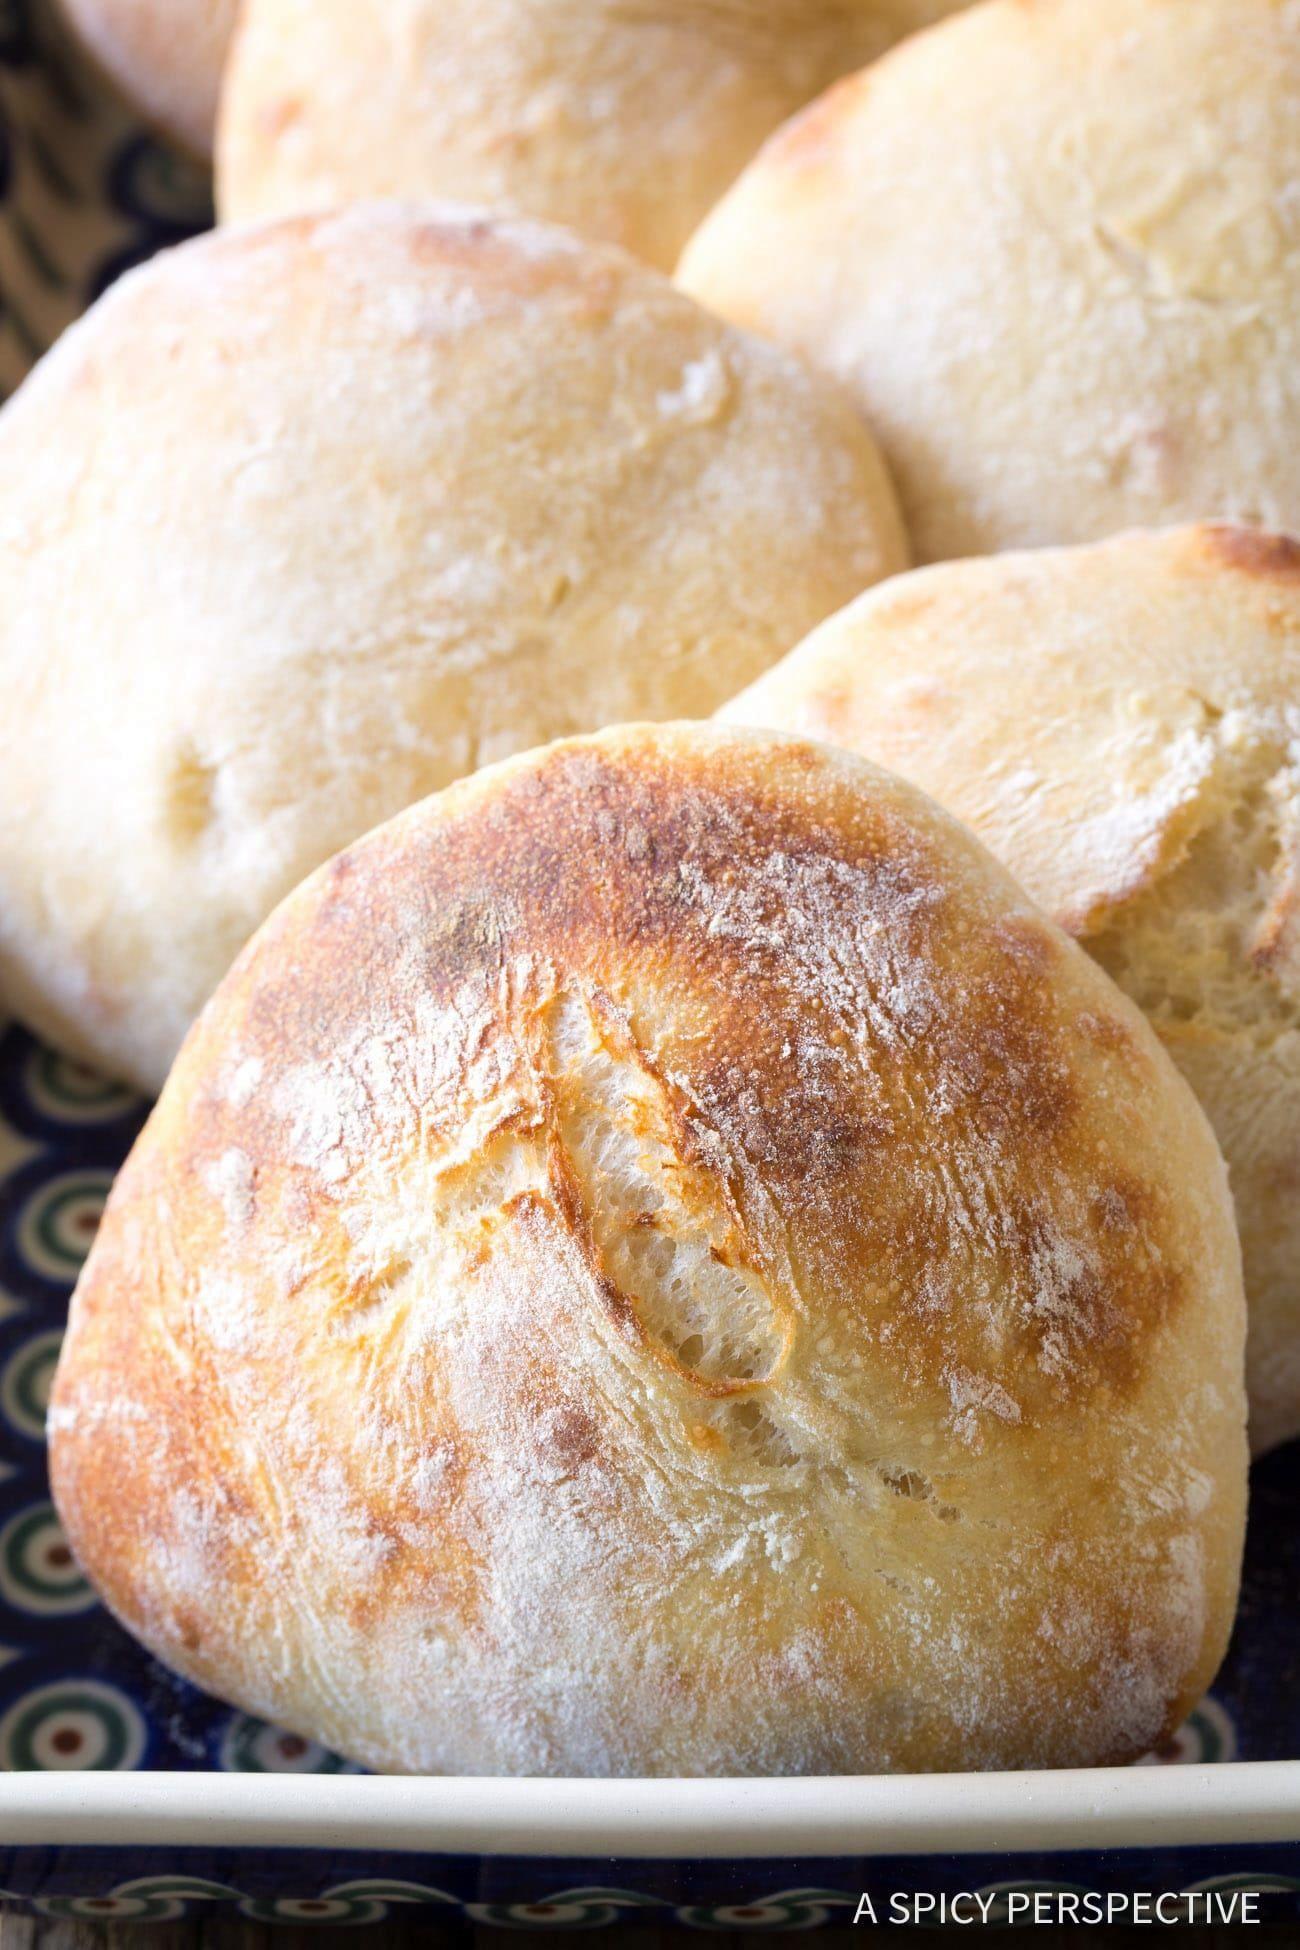 Kroatisches Lepinja-Brot - eine würzige Perspektive  #kroatisches #lepinja #perspektive #wurz... #czechfood